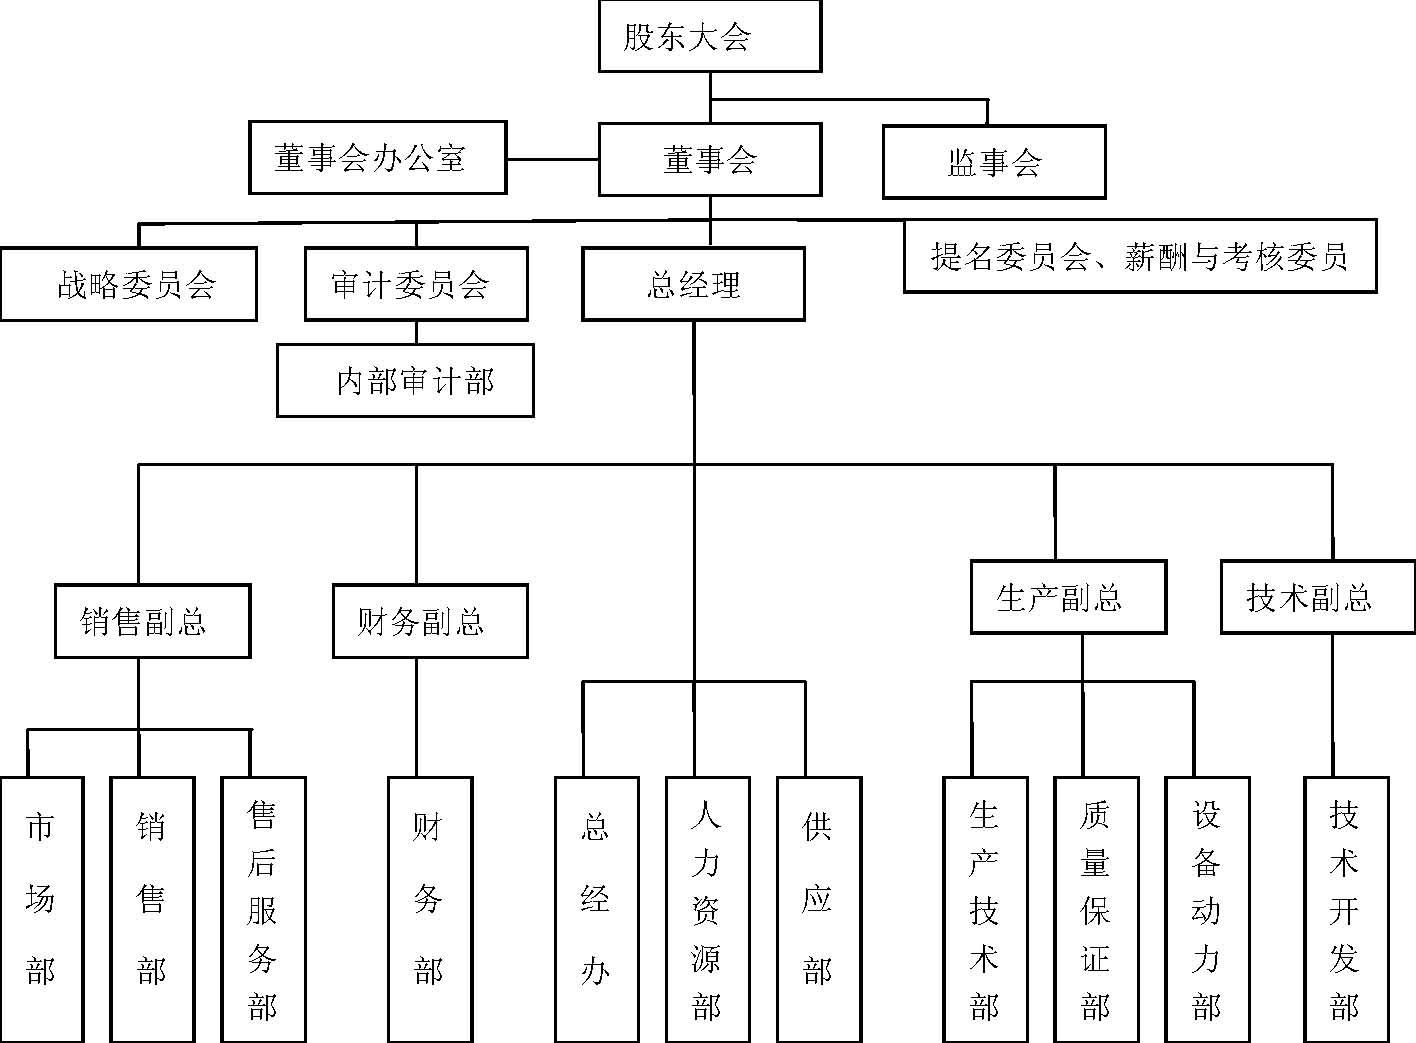 急:求一份企業組織架構圖圖片